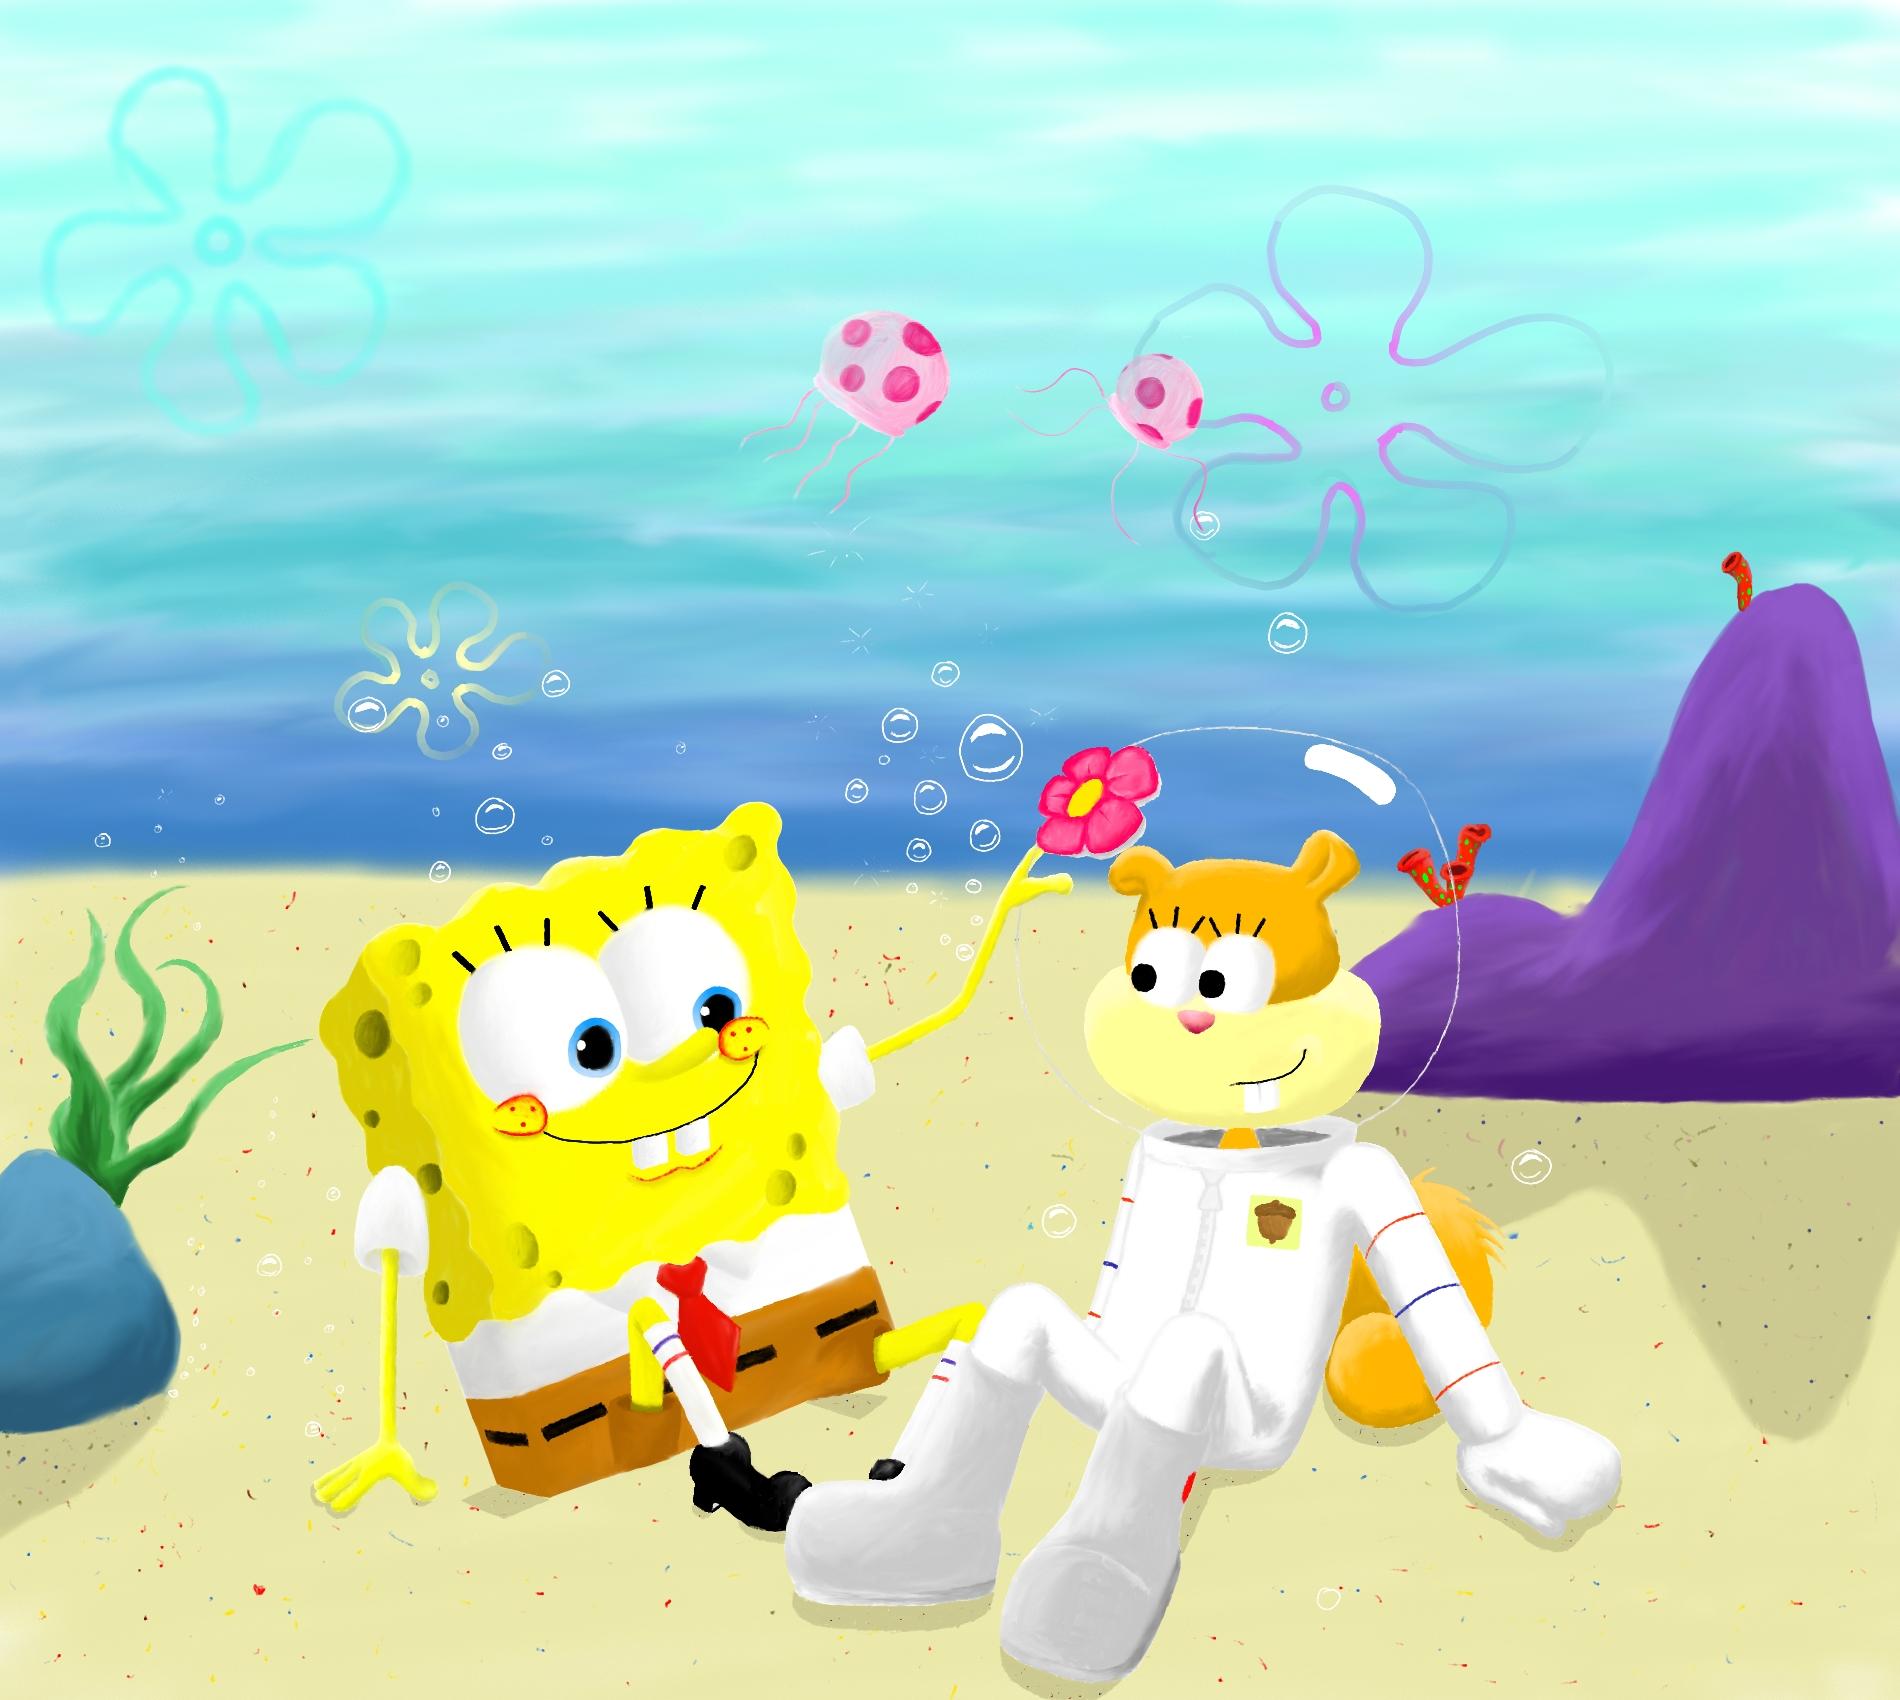 Spongebob and Sandy by Dinoliz on DeviantArt